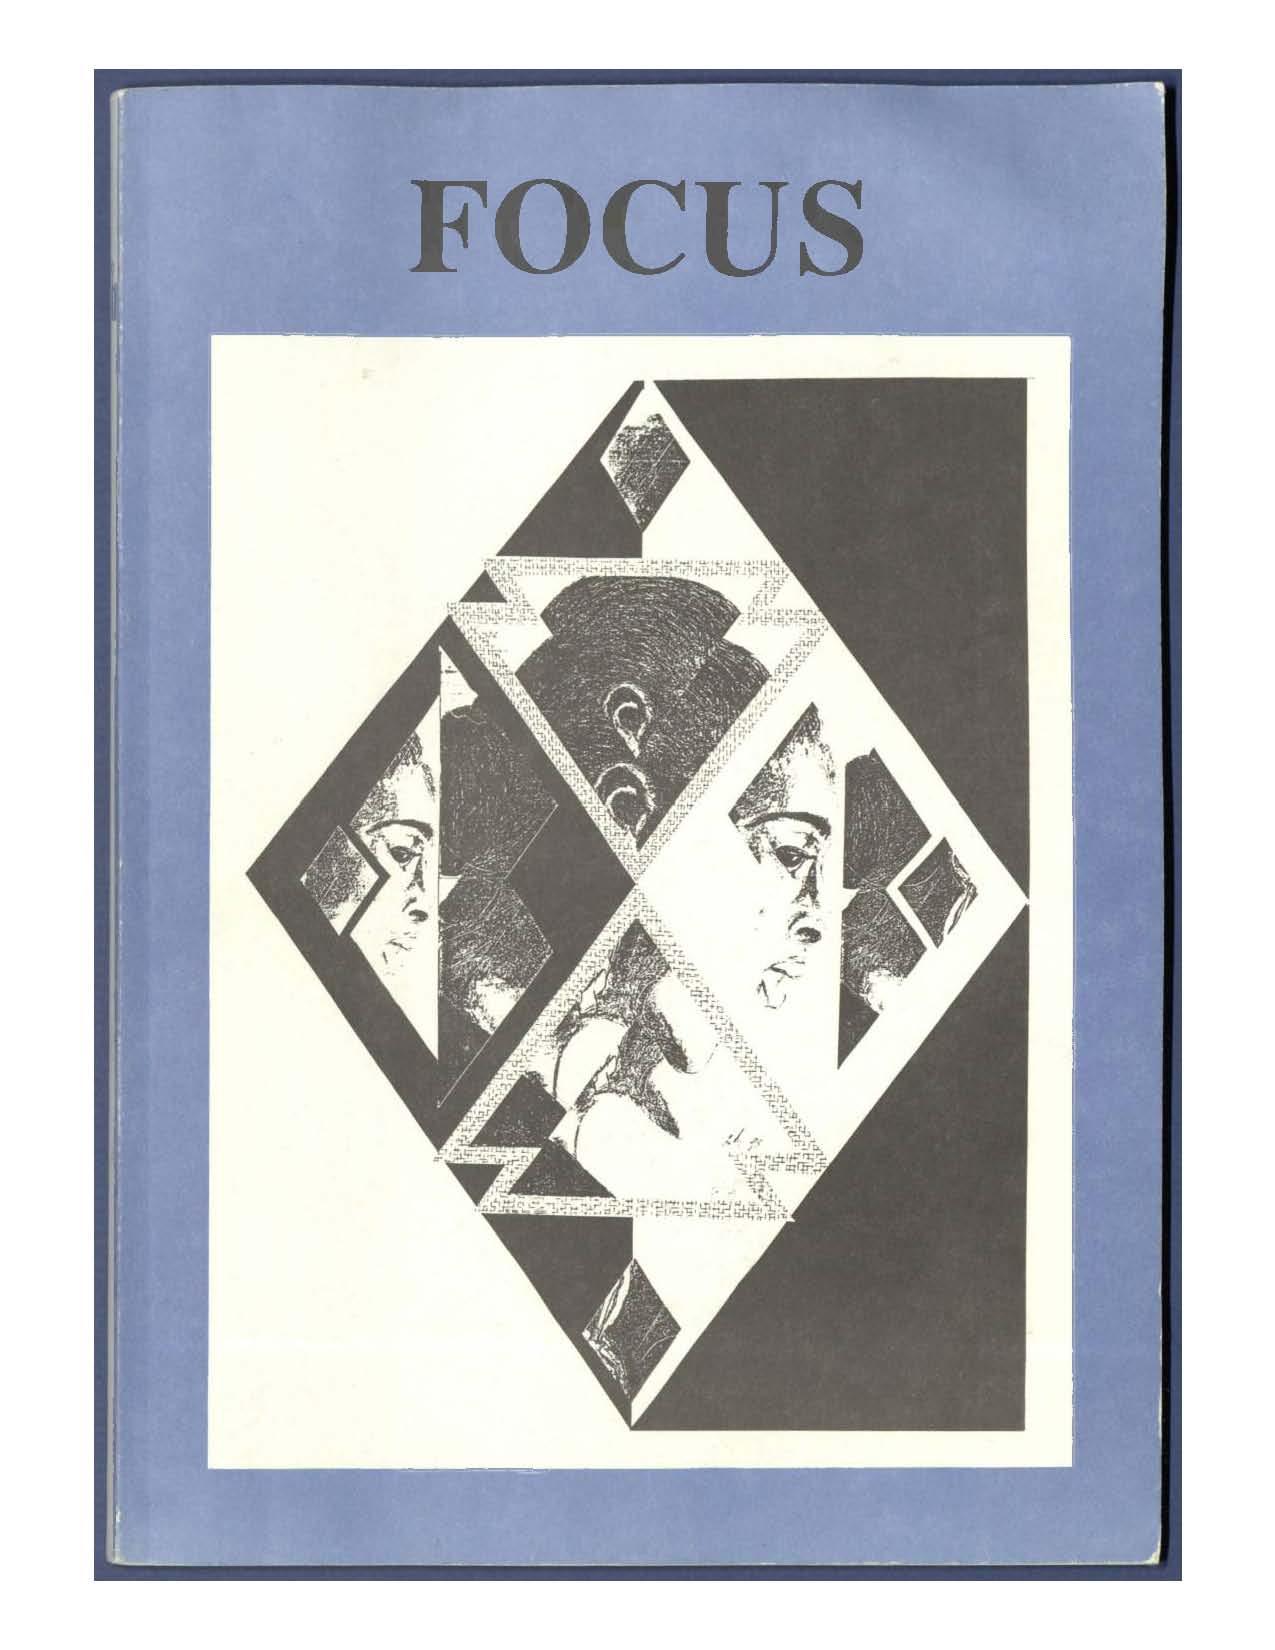 Focus Magazine 1994 cover image